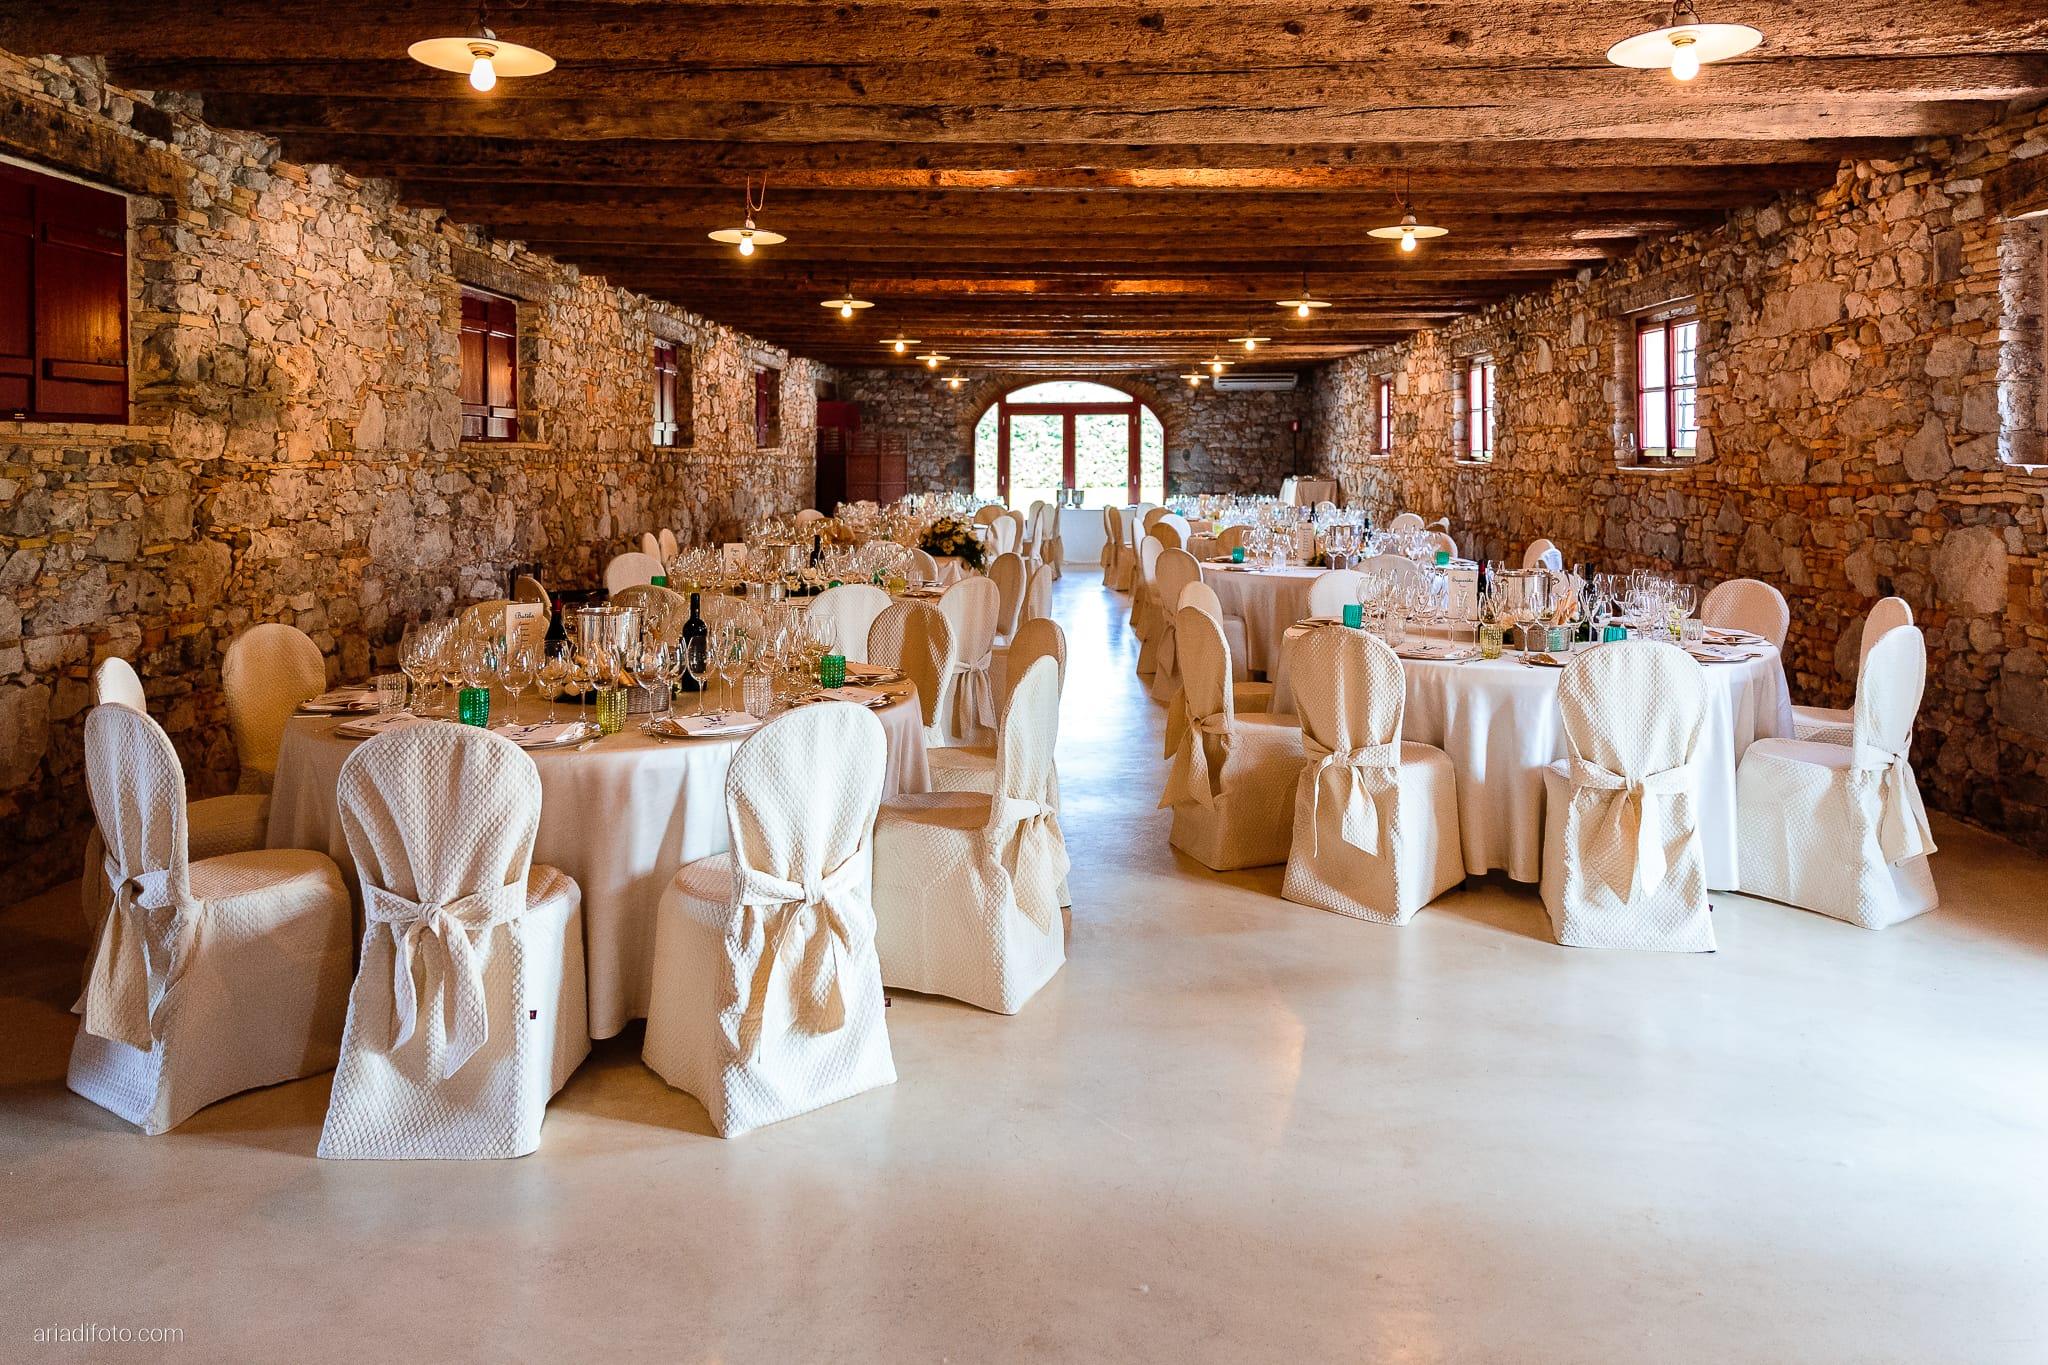 Giulia Paolo Matrimonio Trieste Villa Iachia Ruda Udine ricevimento sala allestimenti decorazioni centrotavola tavoli